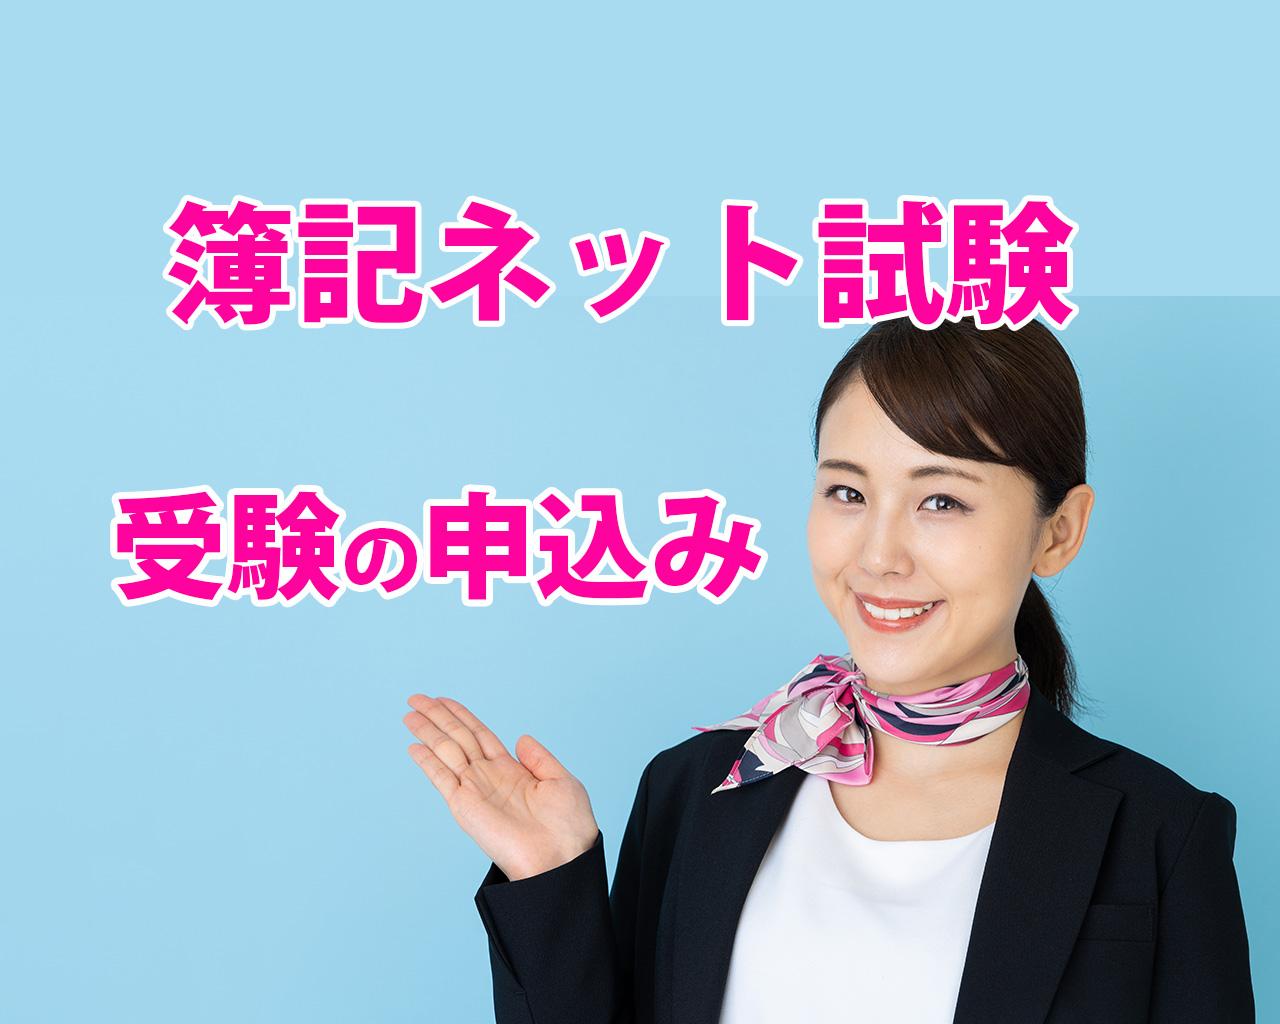 簿記ネット試験申し込み2